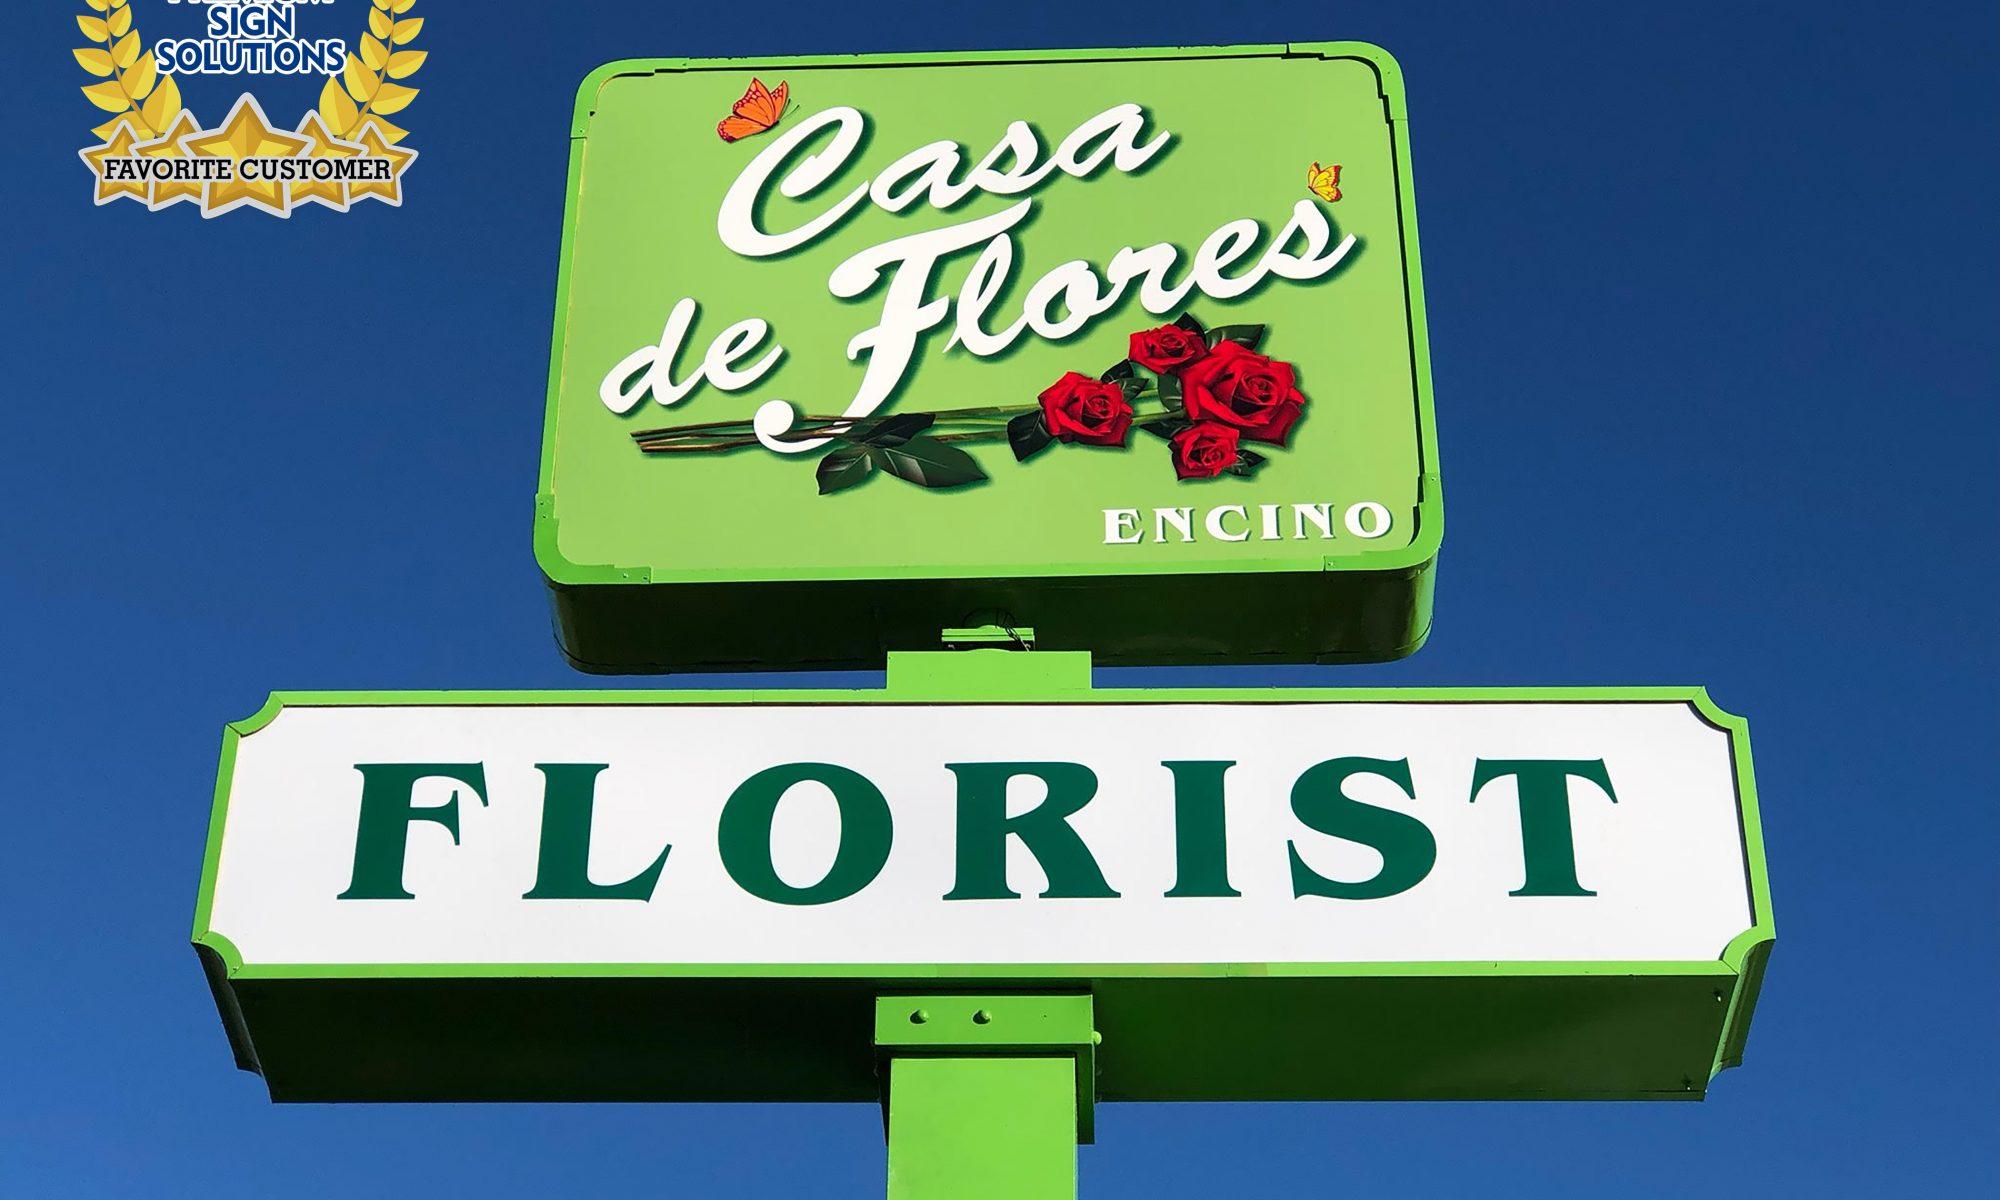 Casa De Flores remains open for flower delivery services!